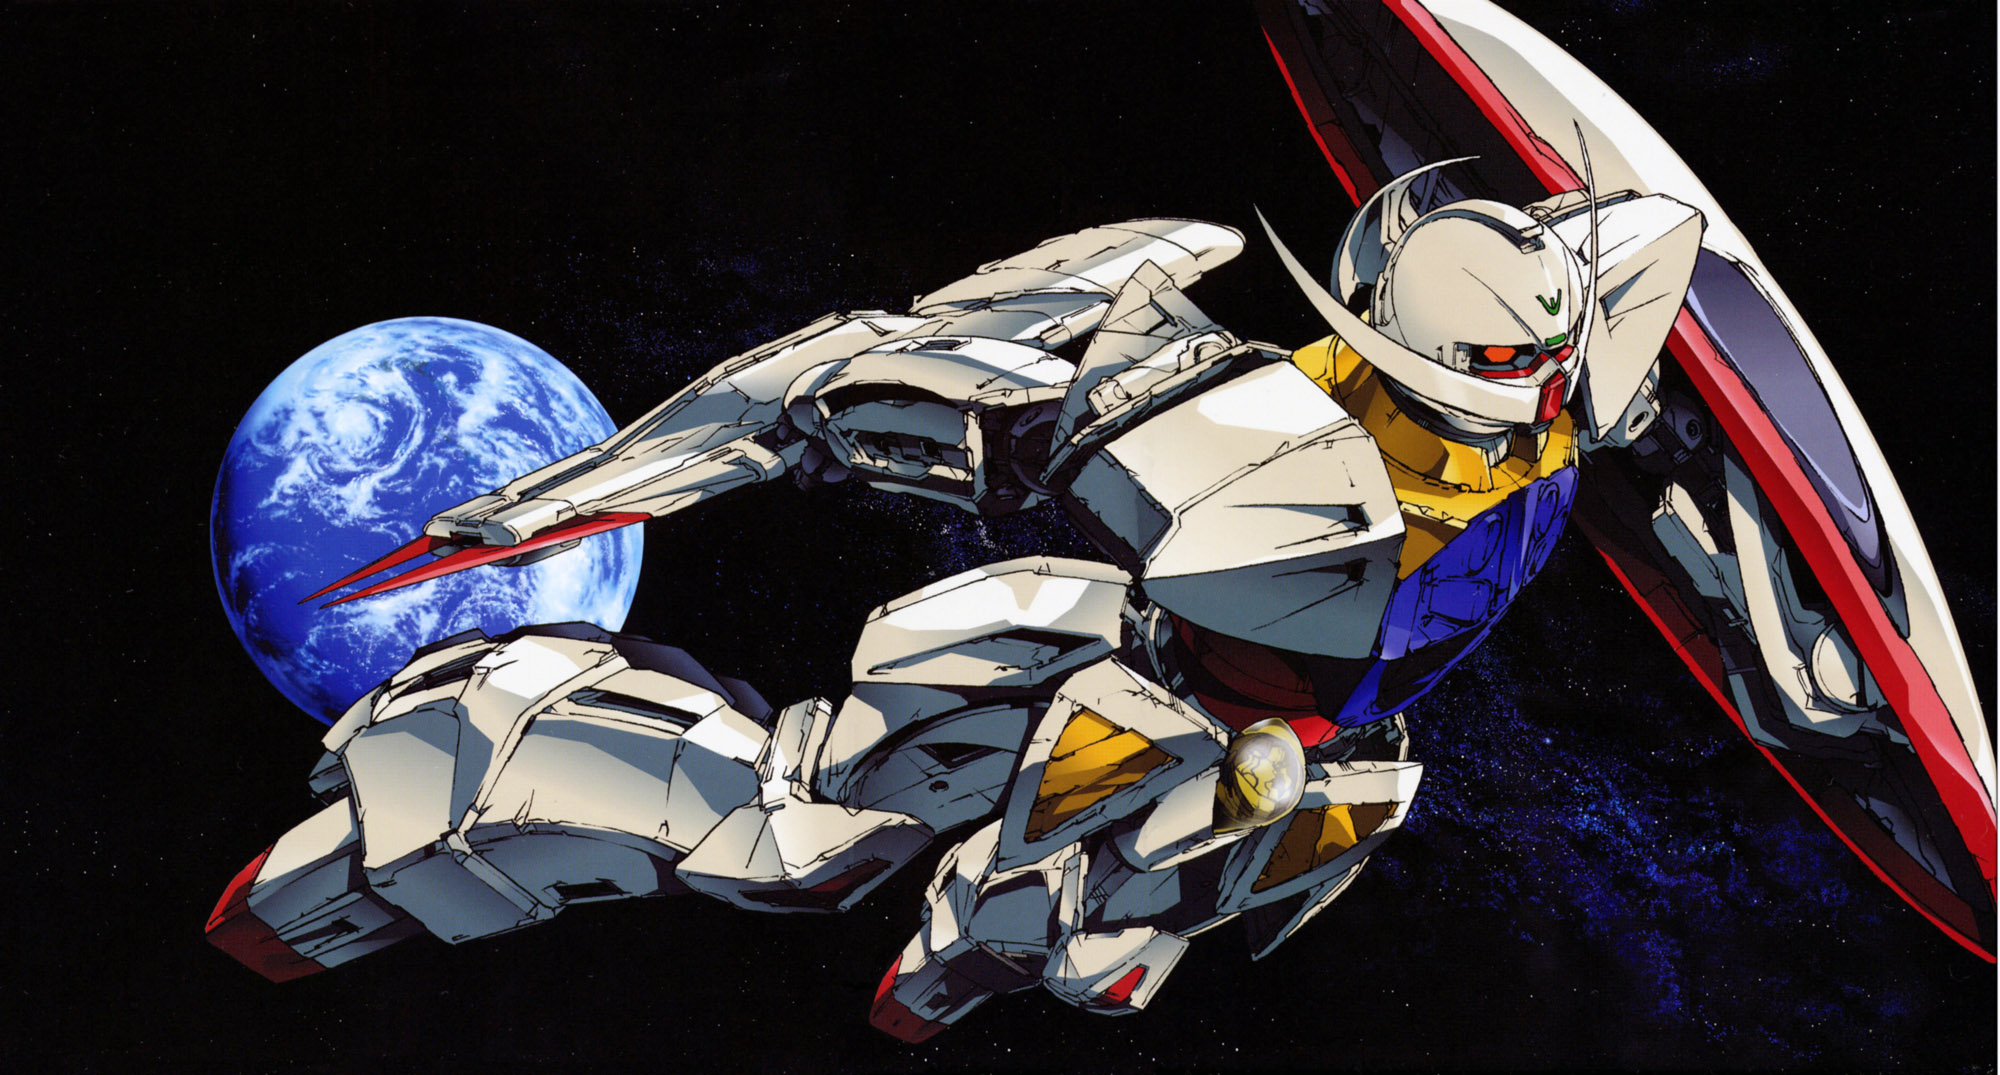 Bandai Namco Mobile Suit Gundam Extreme Vs Turna Cancelled